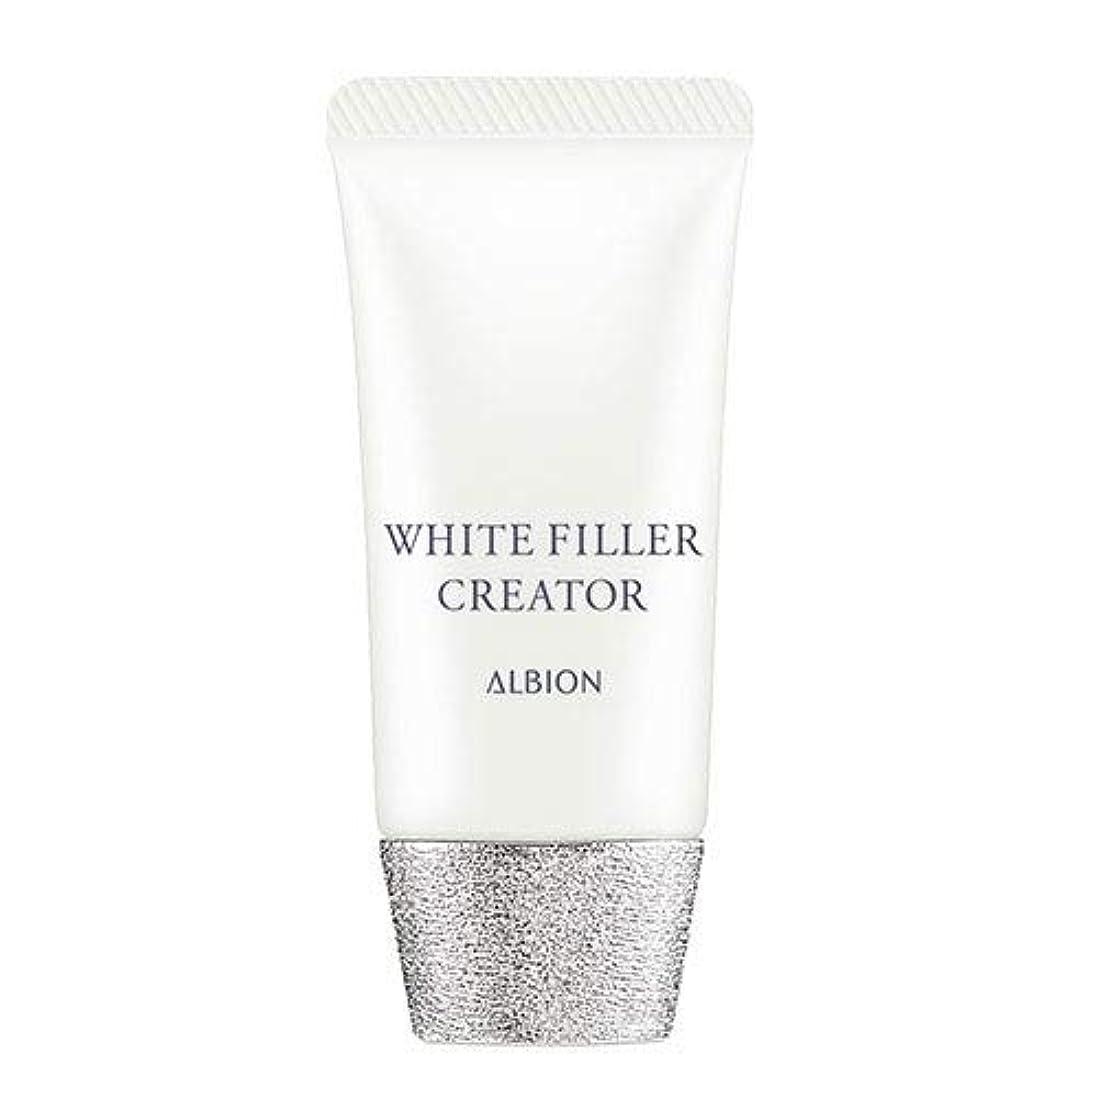 シアーオーナー口径アルビオン ホワイトフィラー クリエイター SPF35?PA+++ 30g -ALBION-